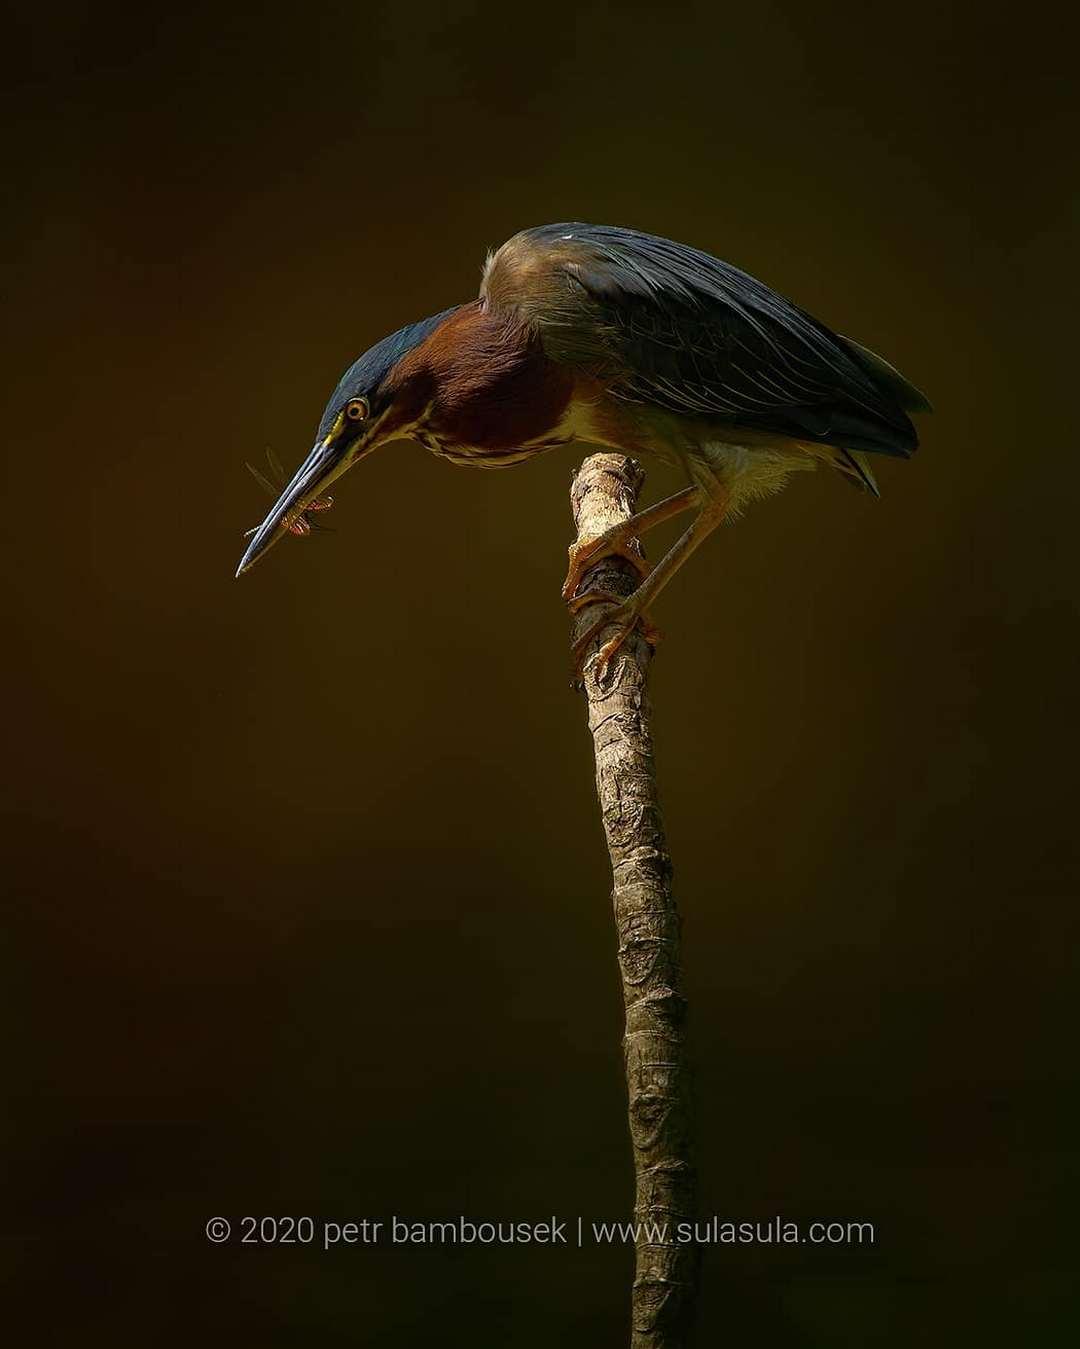 Удивительные птицы и животные на снимках Петра Бамбусека